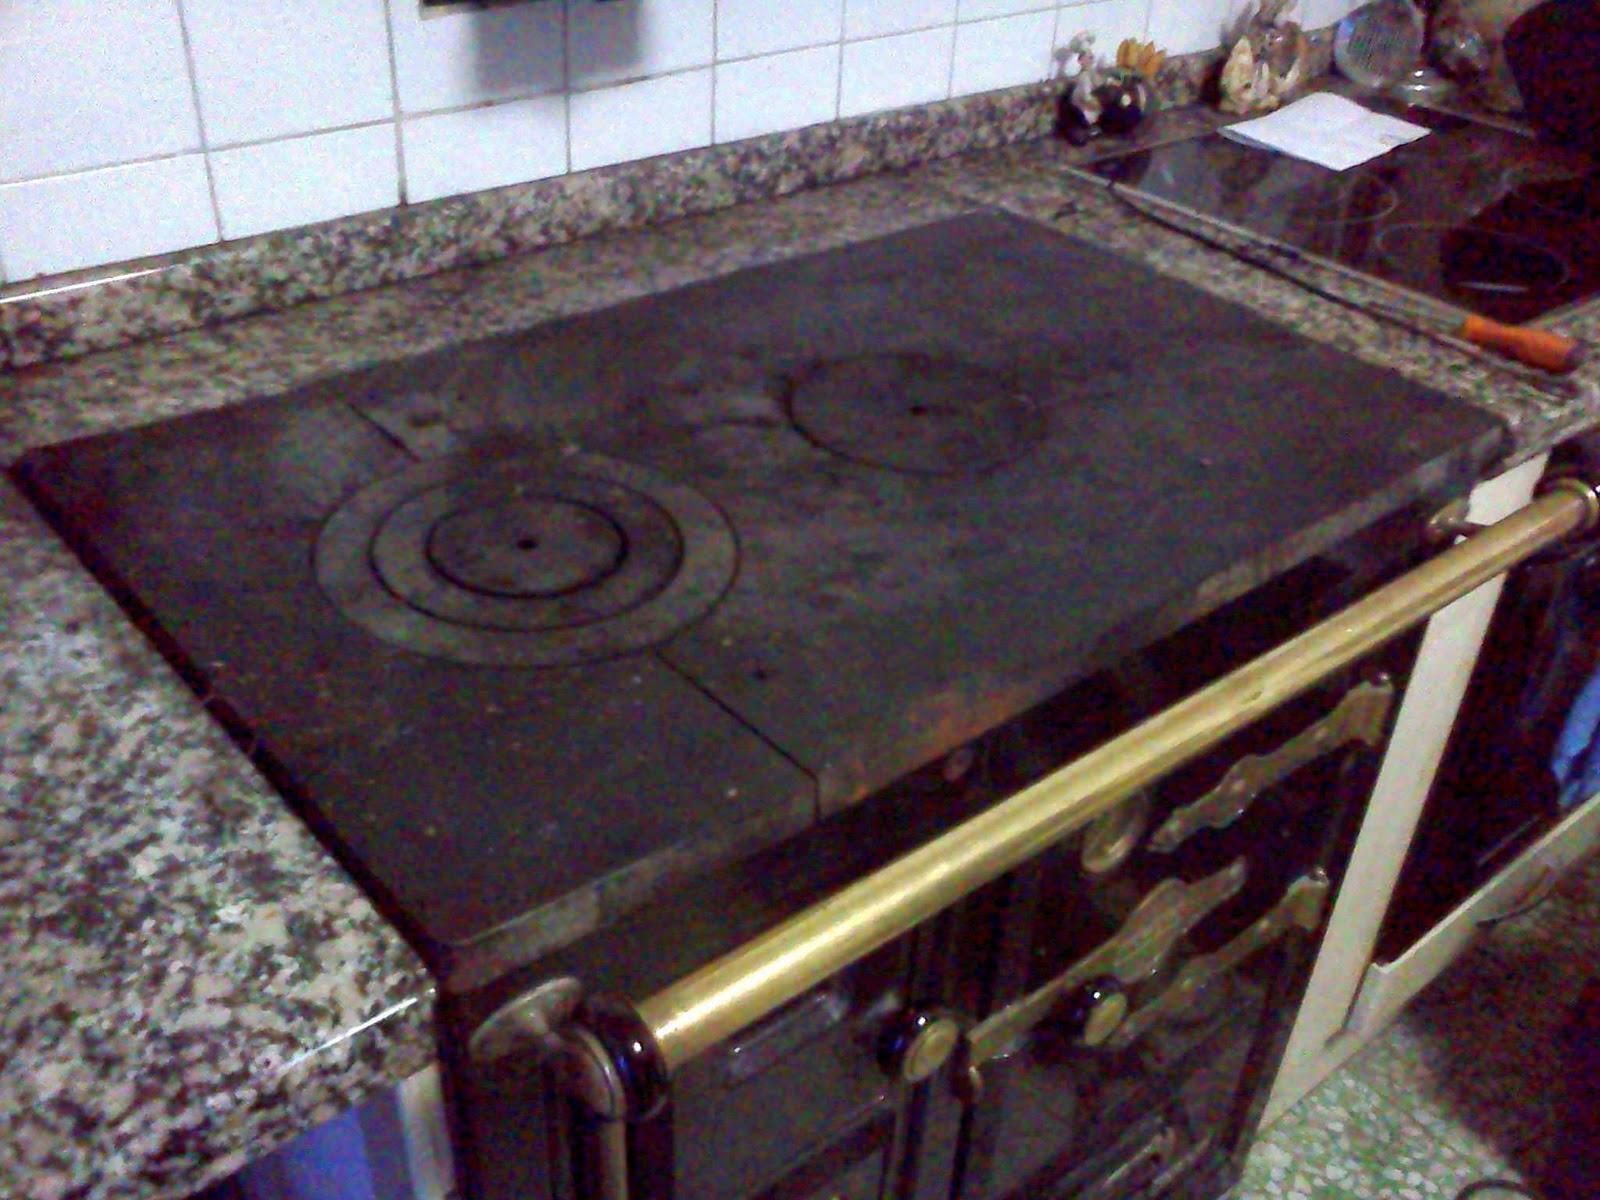 Muebles de cocina en galicia beautiful basic cocina for Cocinas de lena hergom de segunda mano